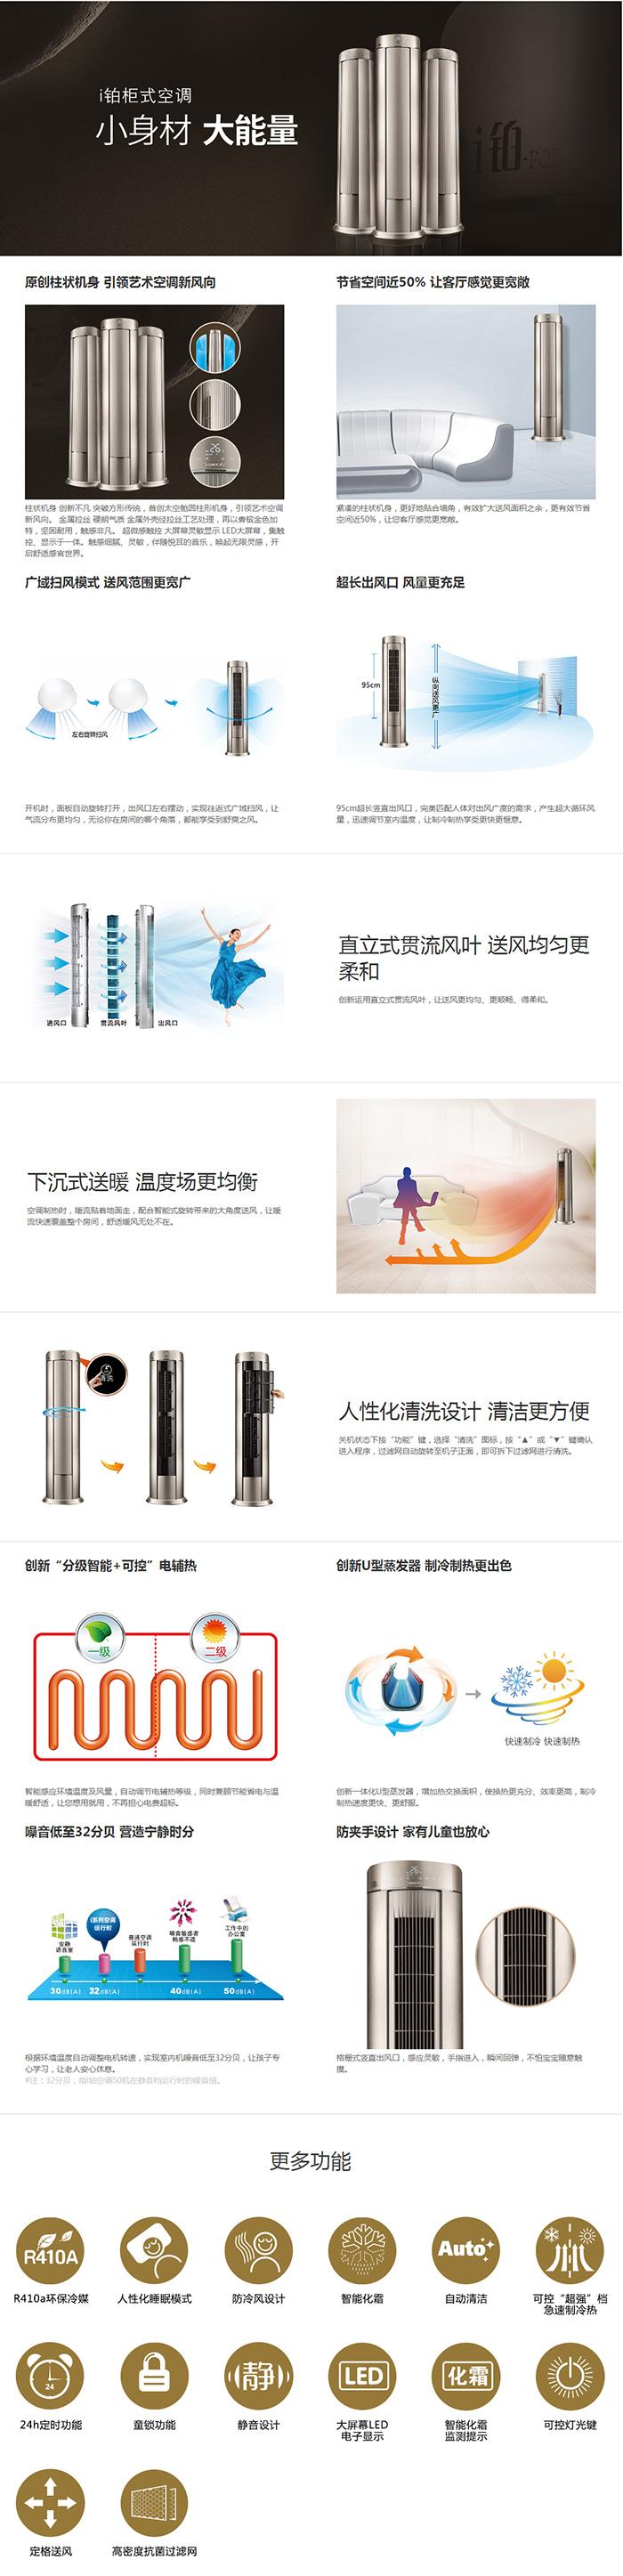 武汉ManBetx手机网页版空调代理商